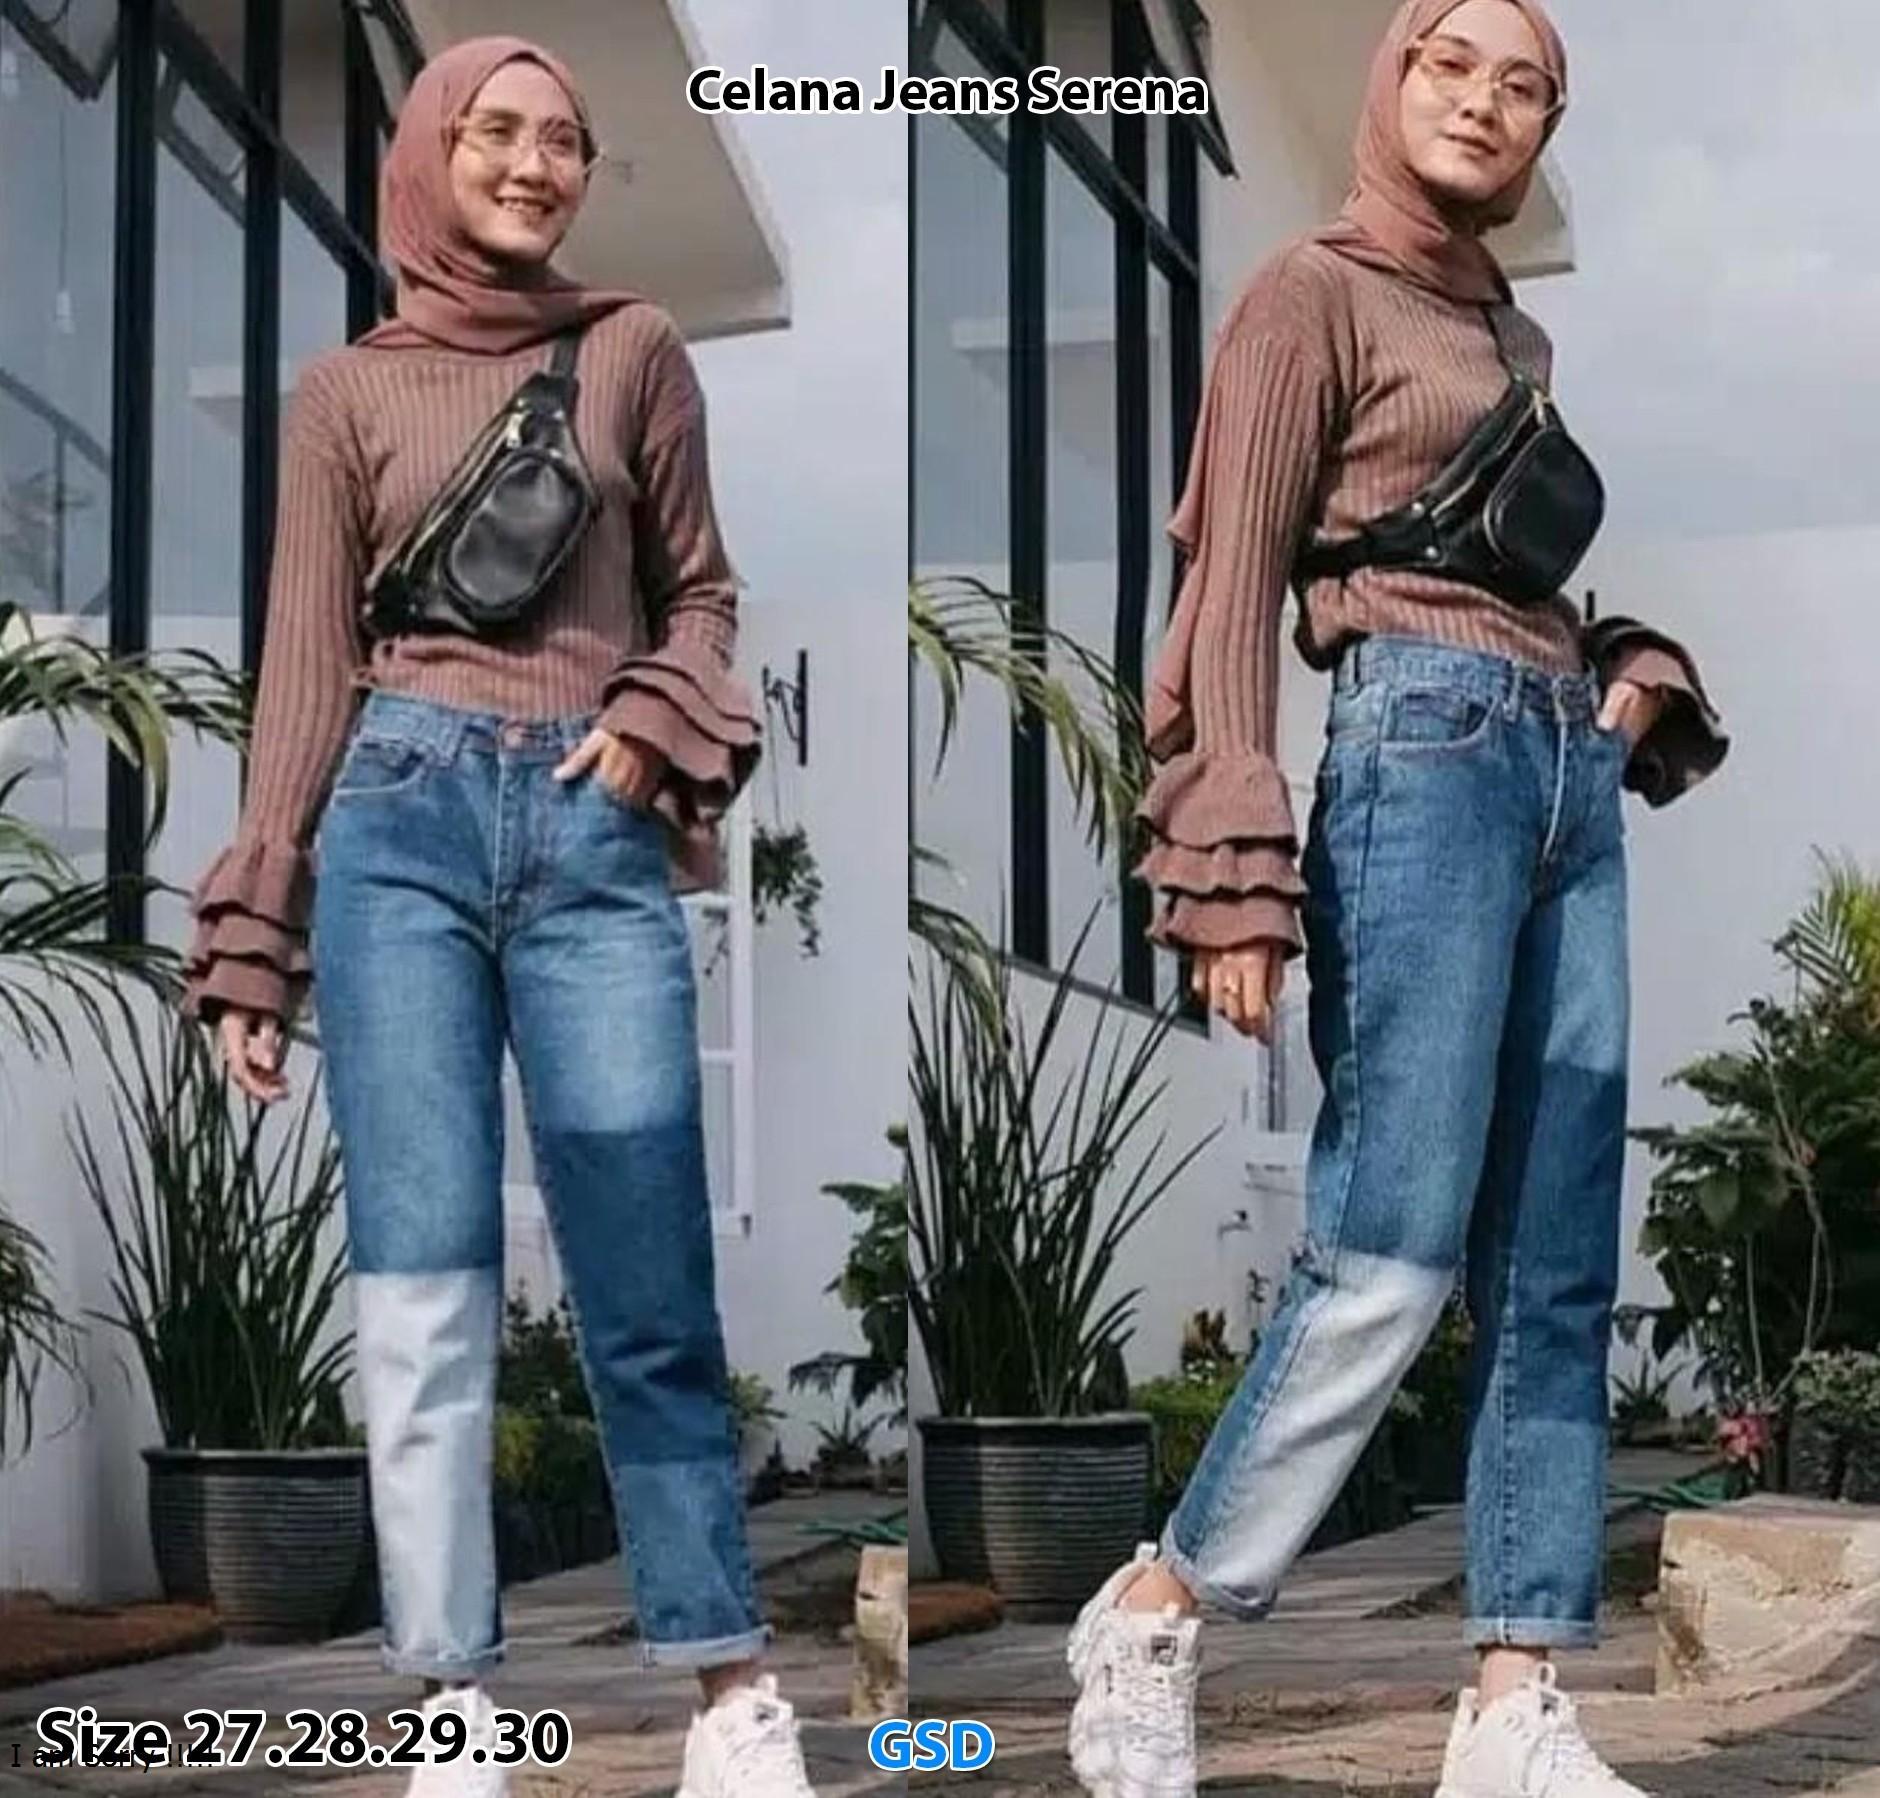 NCR-Celana Wanita/ Celana Jeans Wanita/ Celana Panjang Wanita/ Celana Jeans Serena